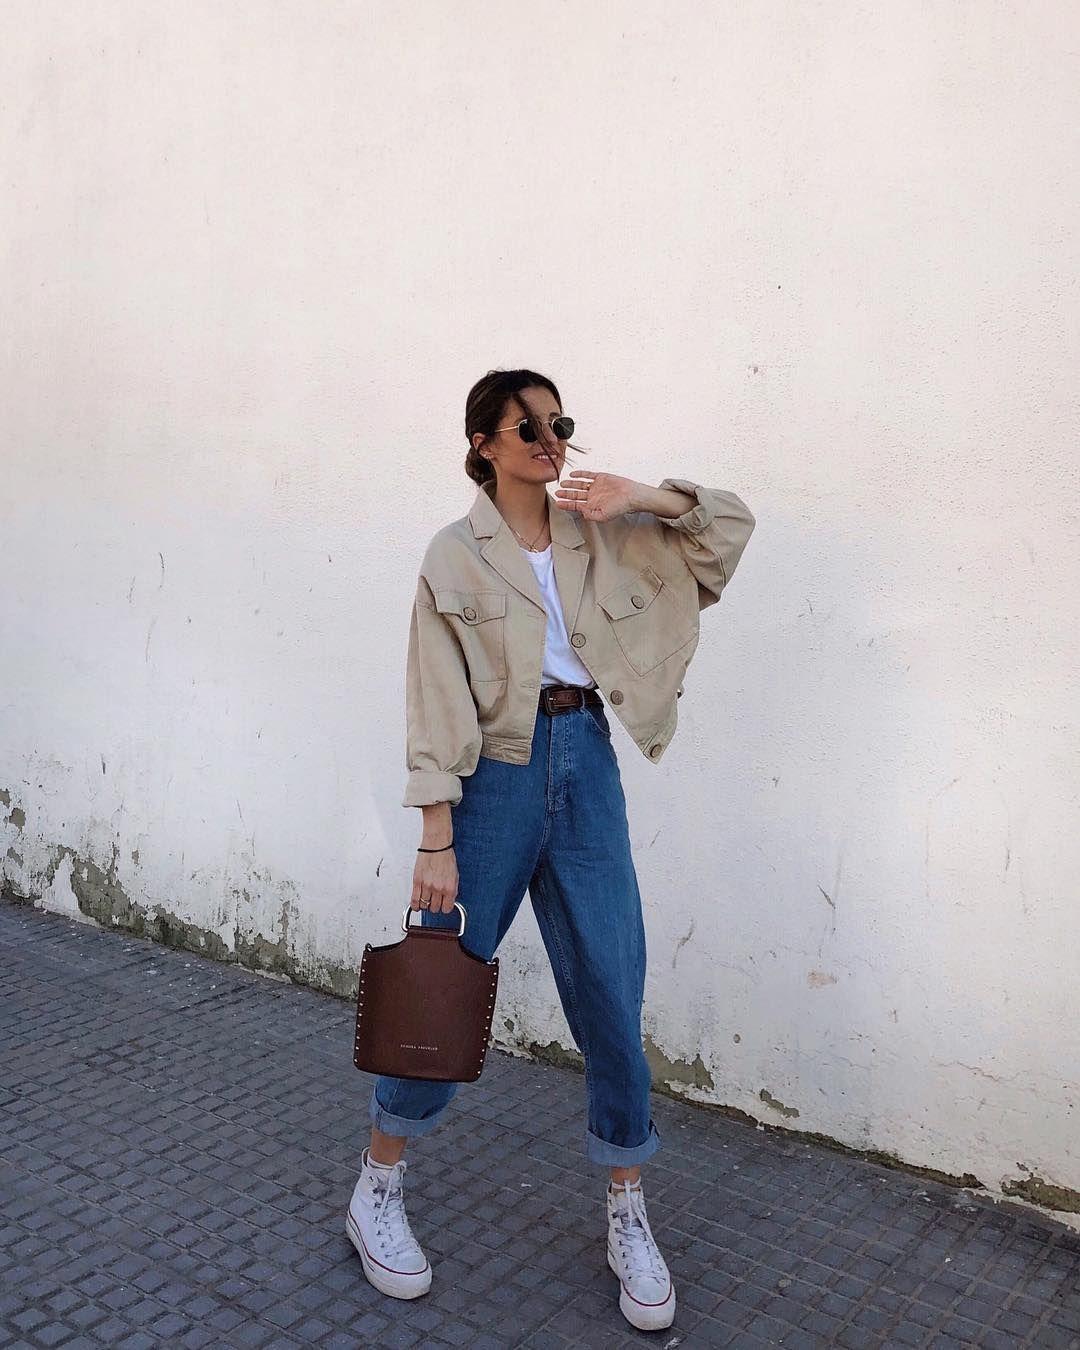 Publicação do Instagram de María Valdés • 26 de Fev, 2019 às 8:57 UTC #ootd